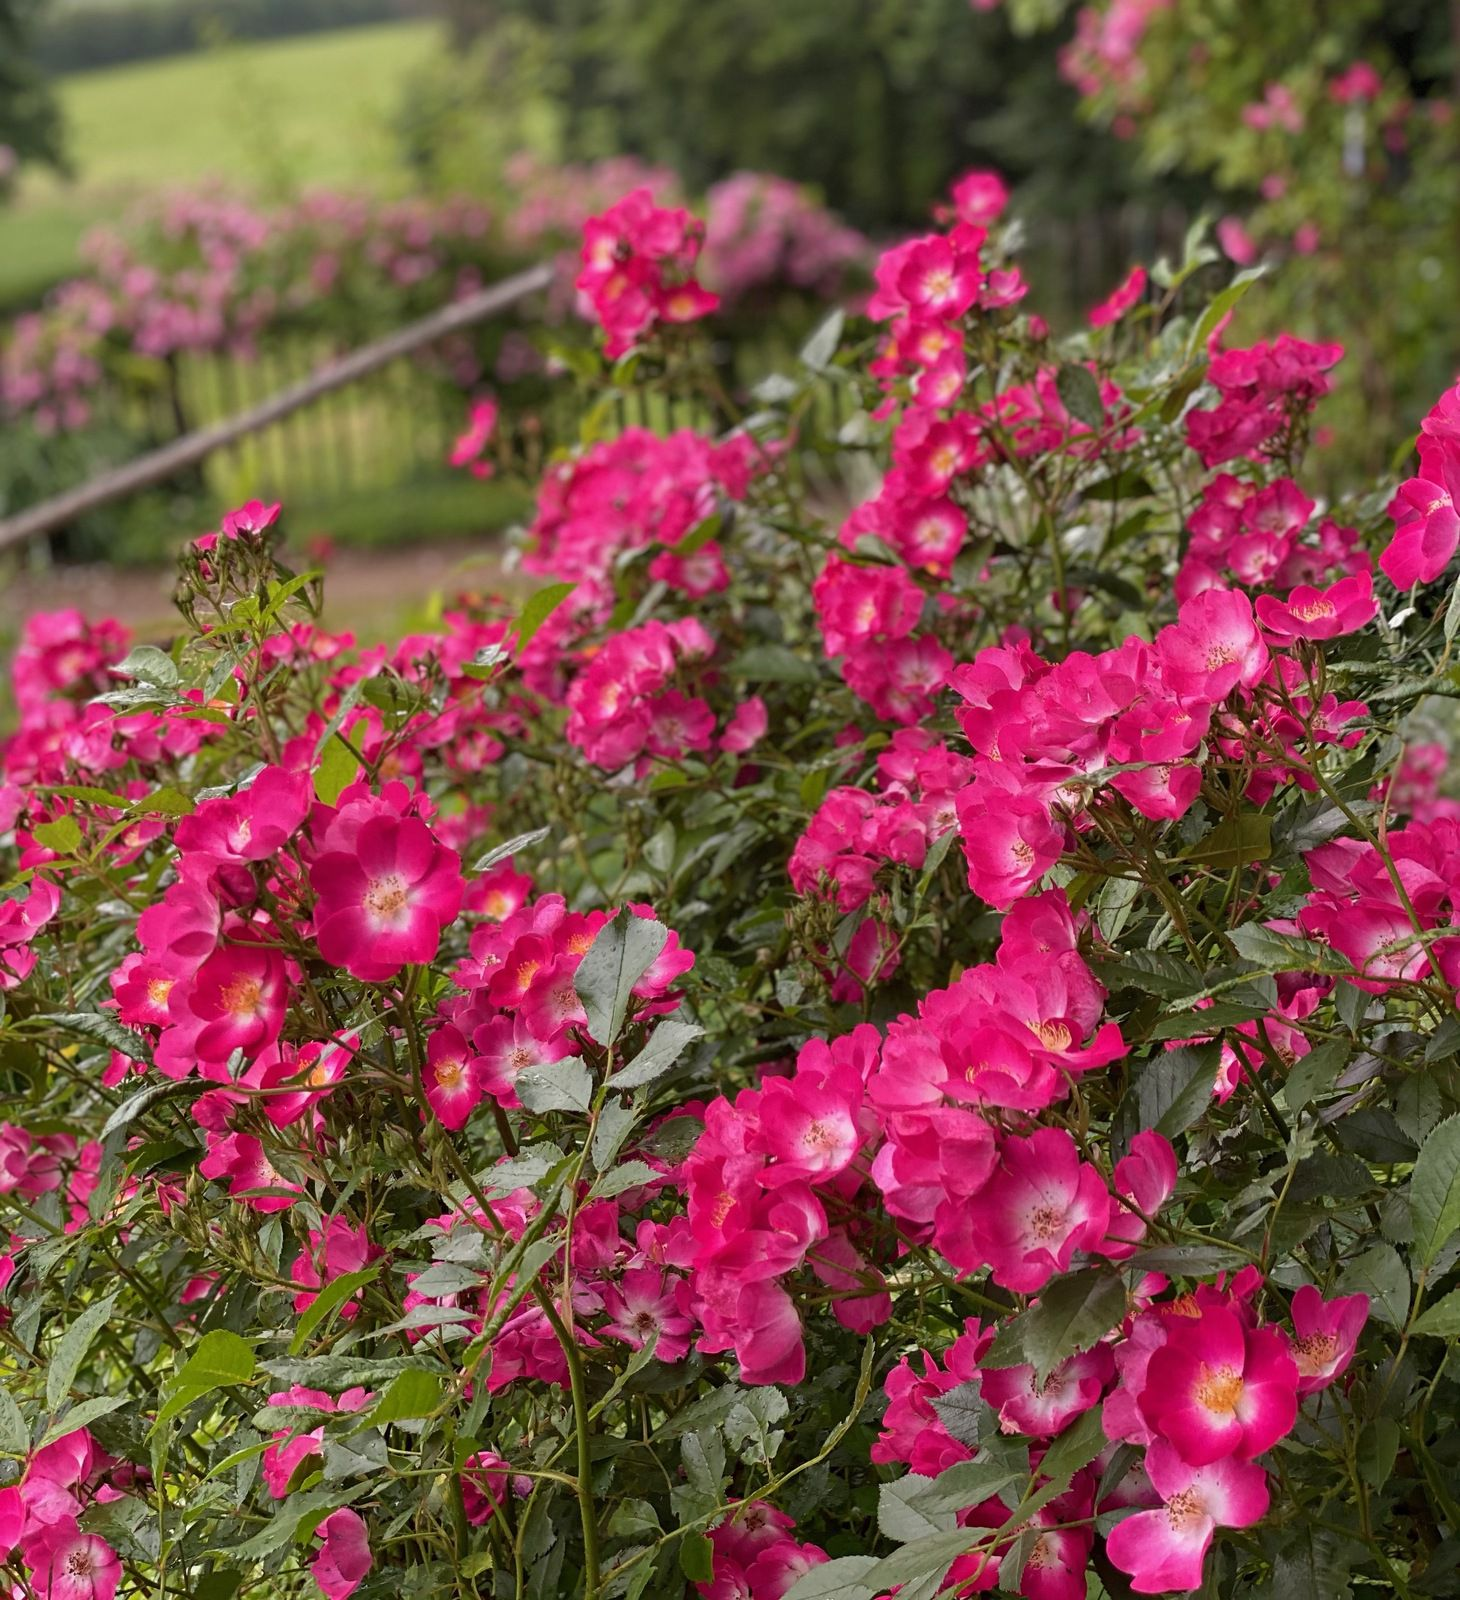 Grand Duc Jean - Lens Roses, 2010